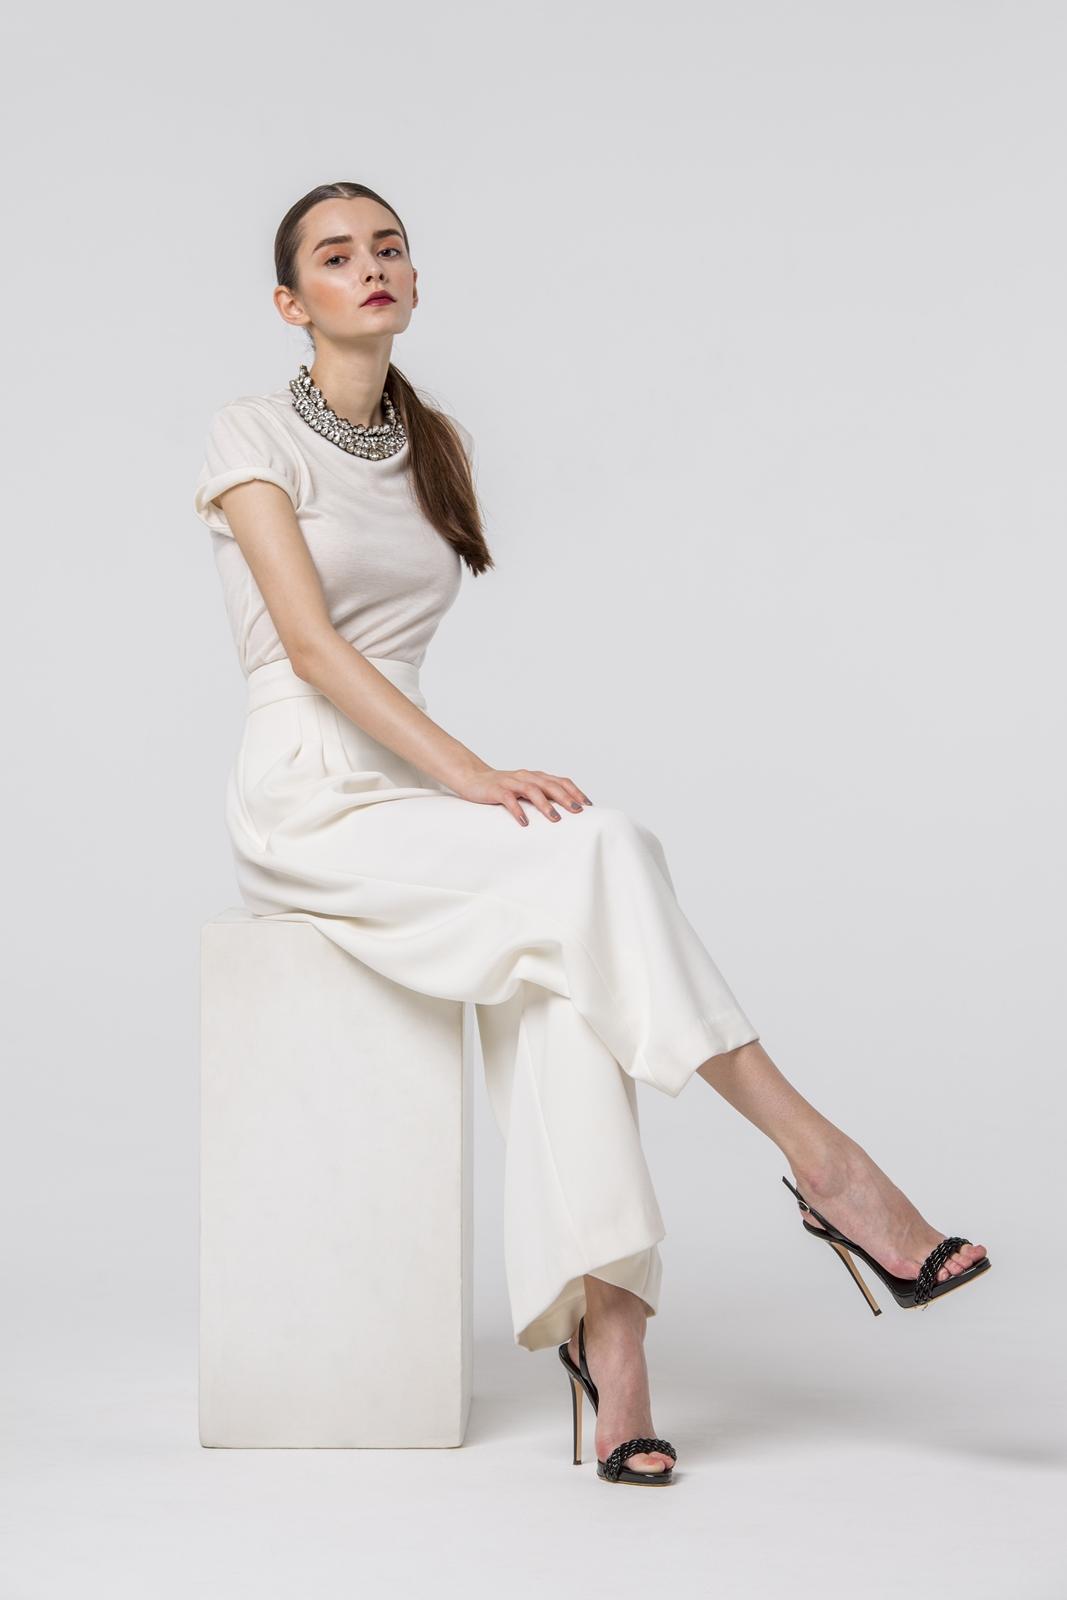 おしゃれな花嫁様にはシンプルな2次会ドレスがおすすめ。特に人気のホートンのドレス。